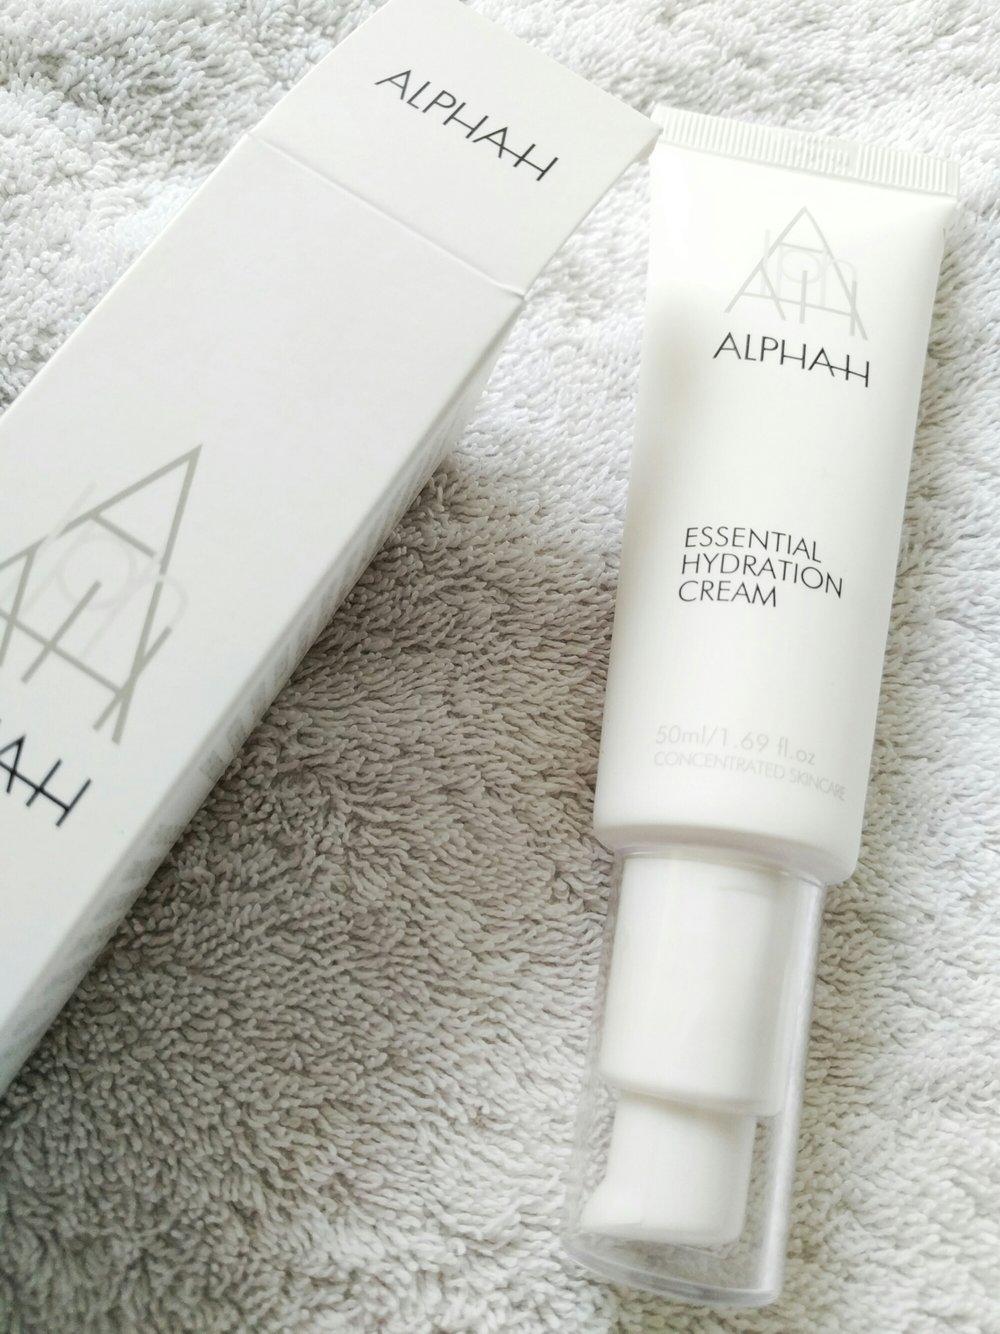 alpha H Essential Hydration Cream